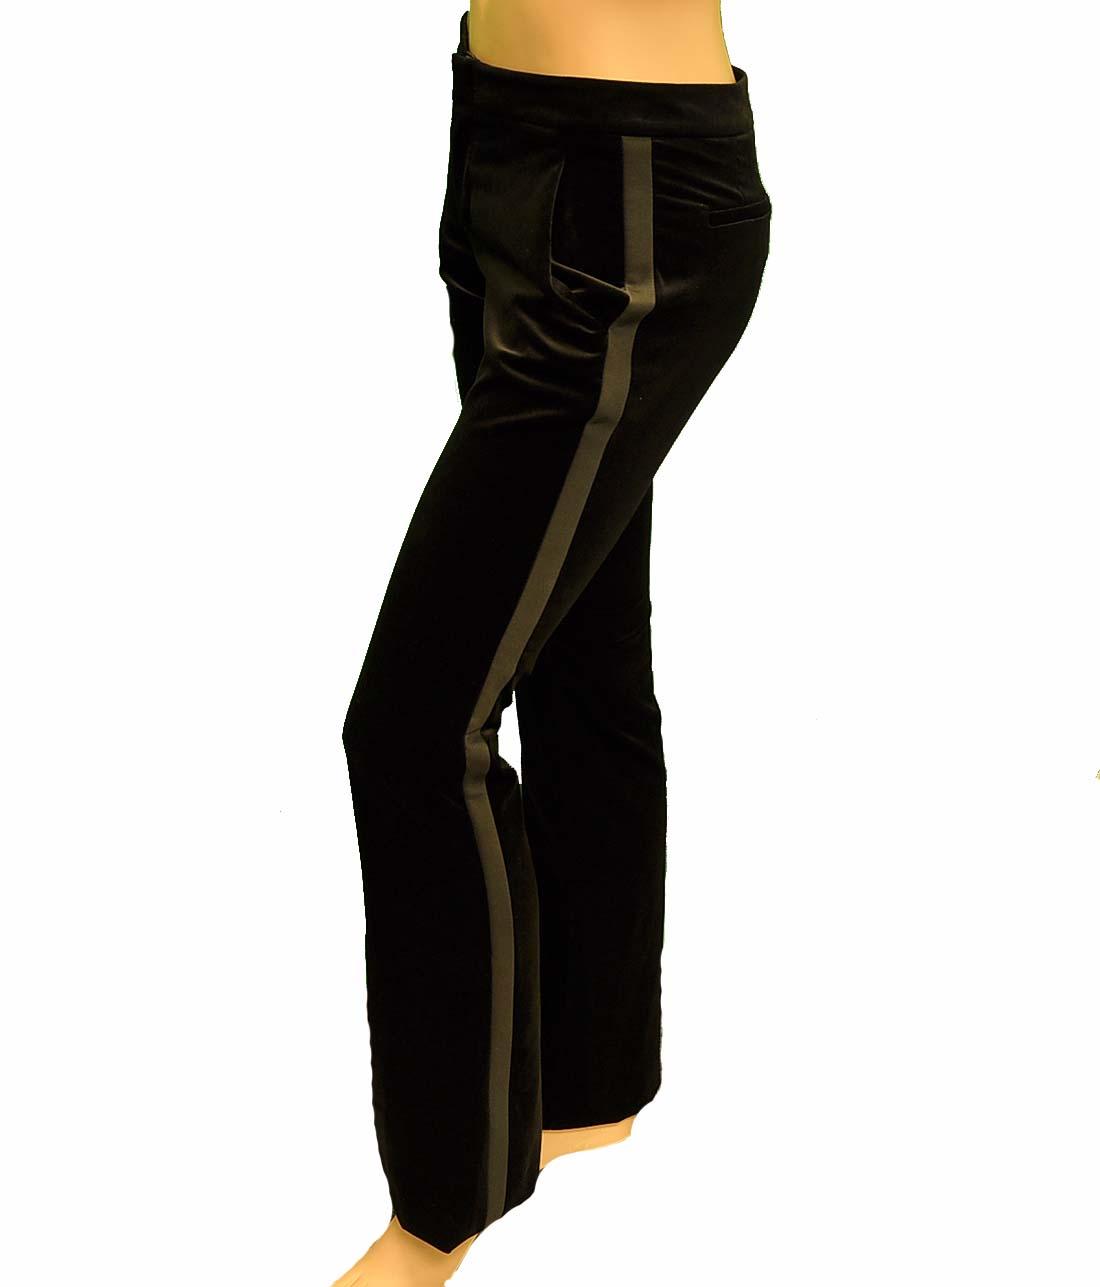 Gucci Black Cotton Pants Trousers